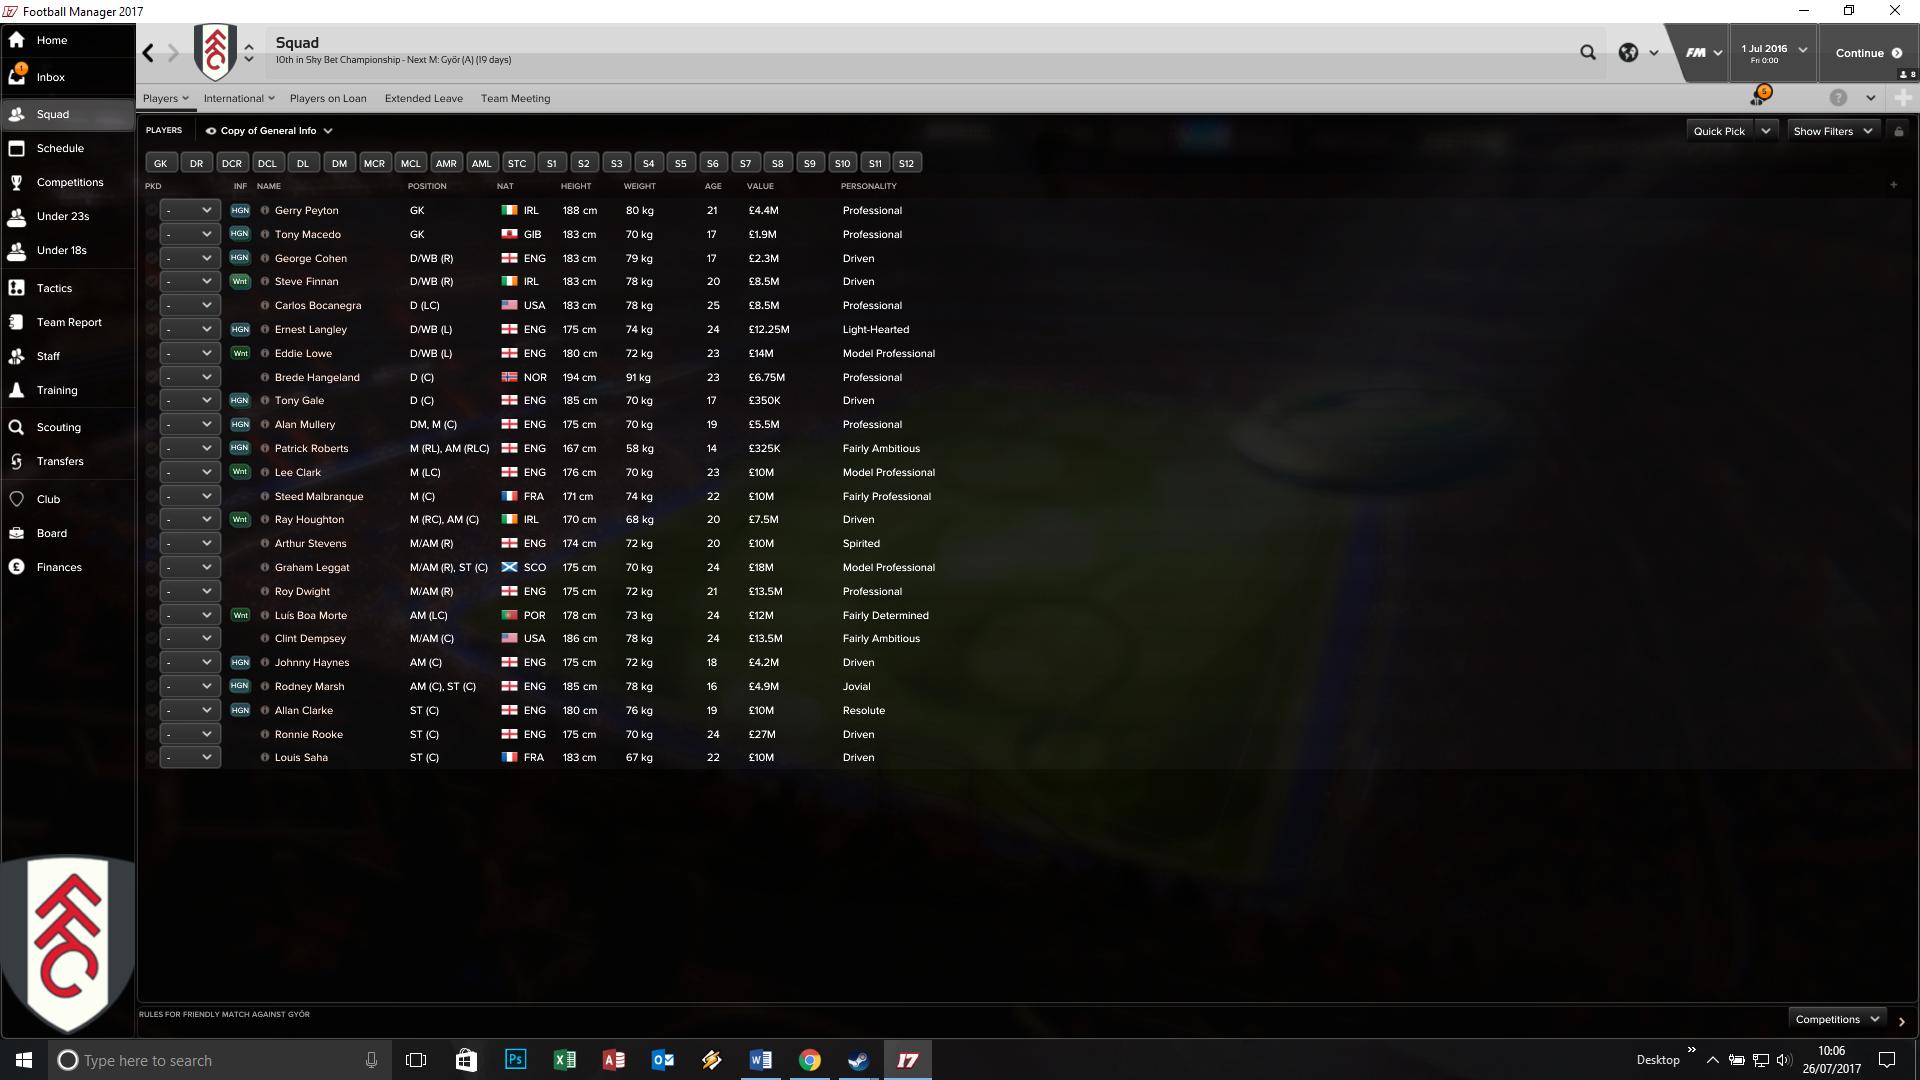 Fulham_Squad.png